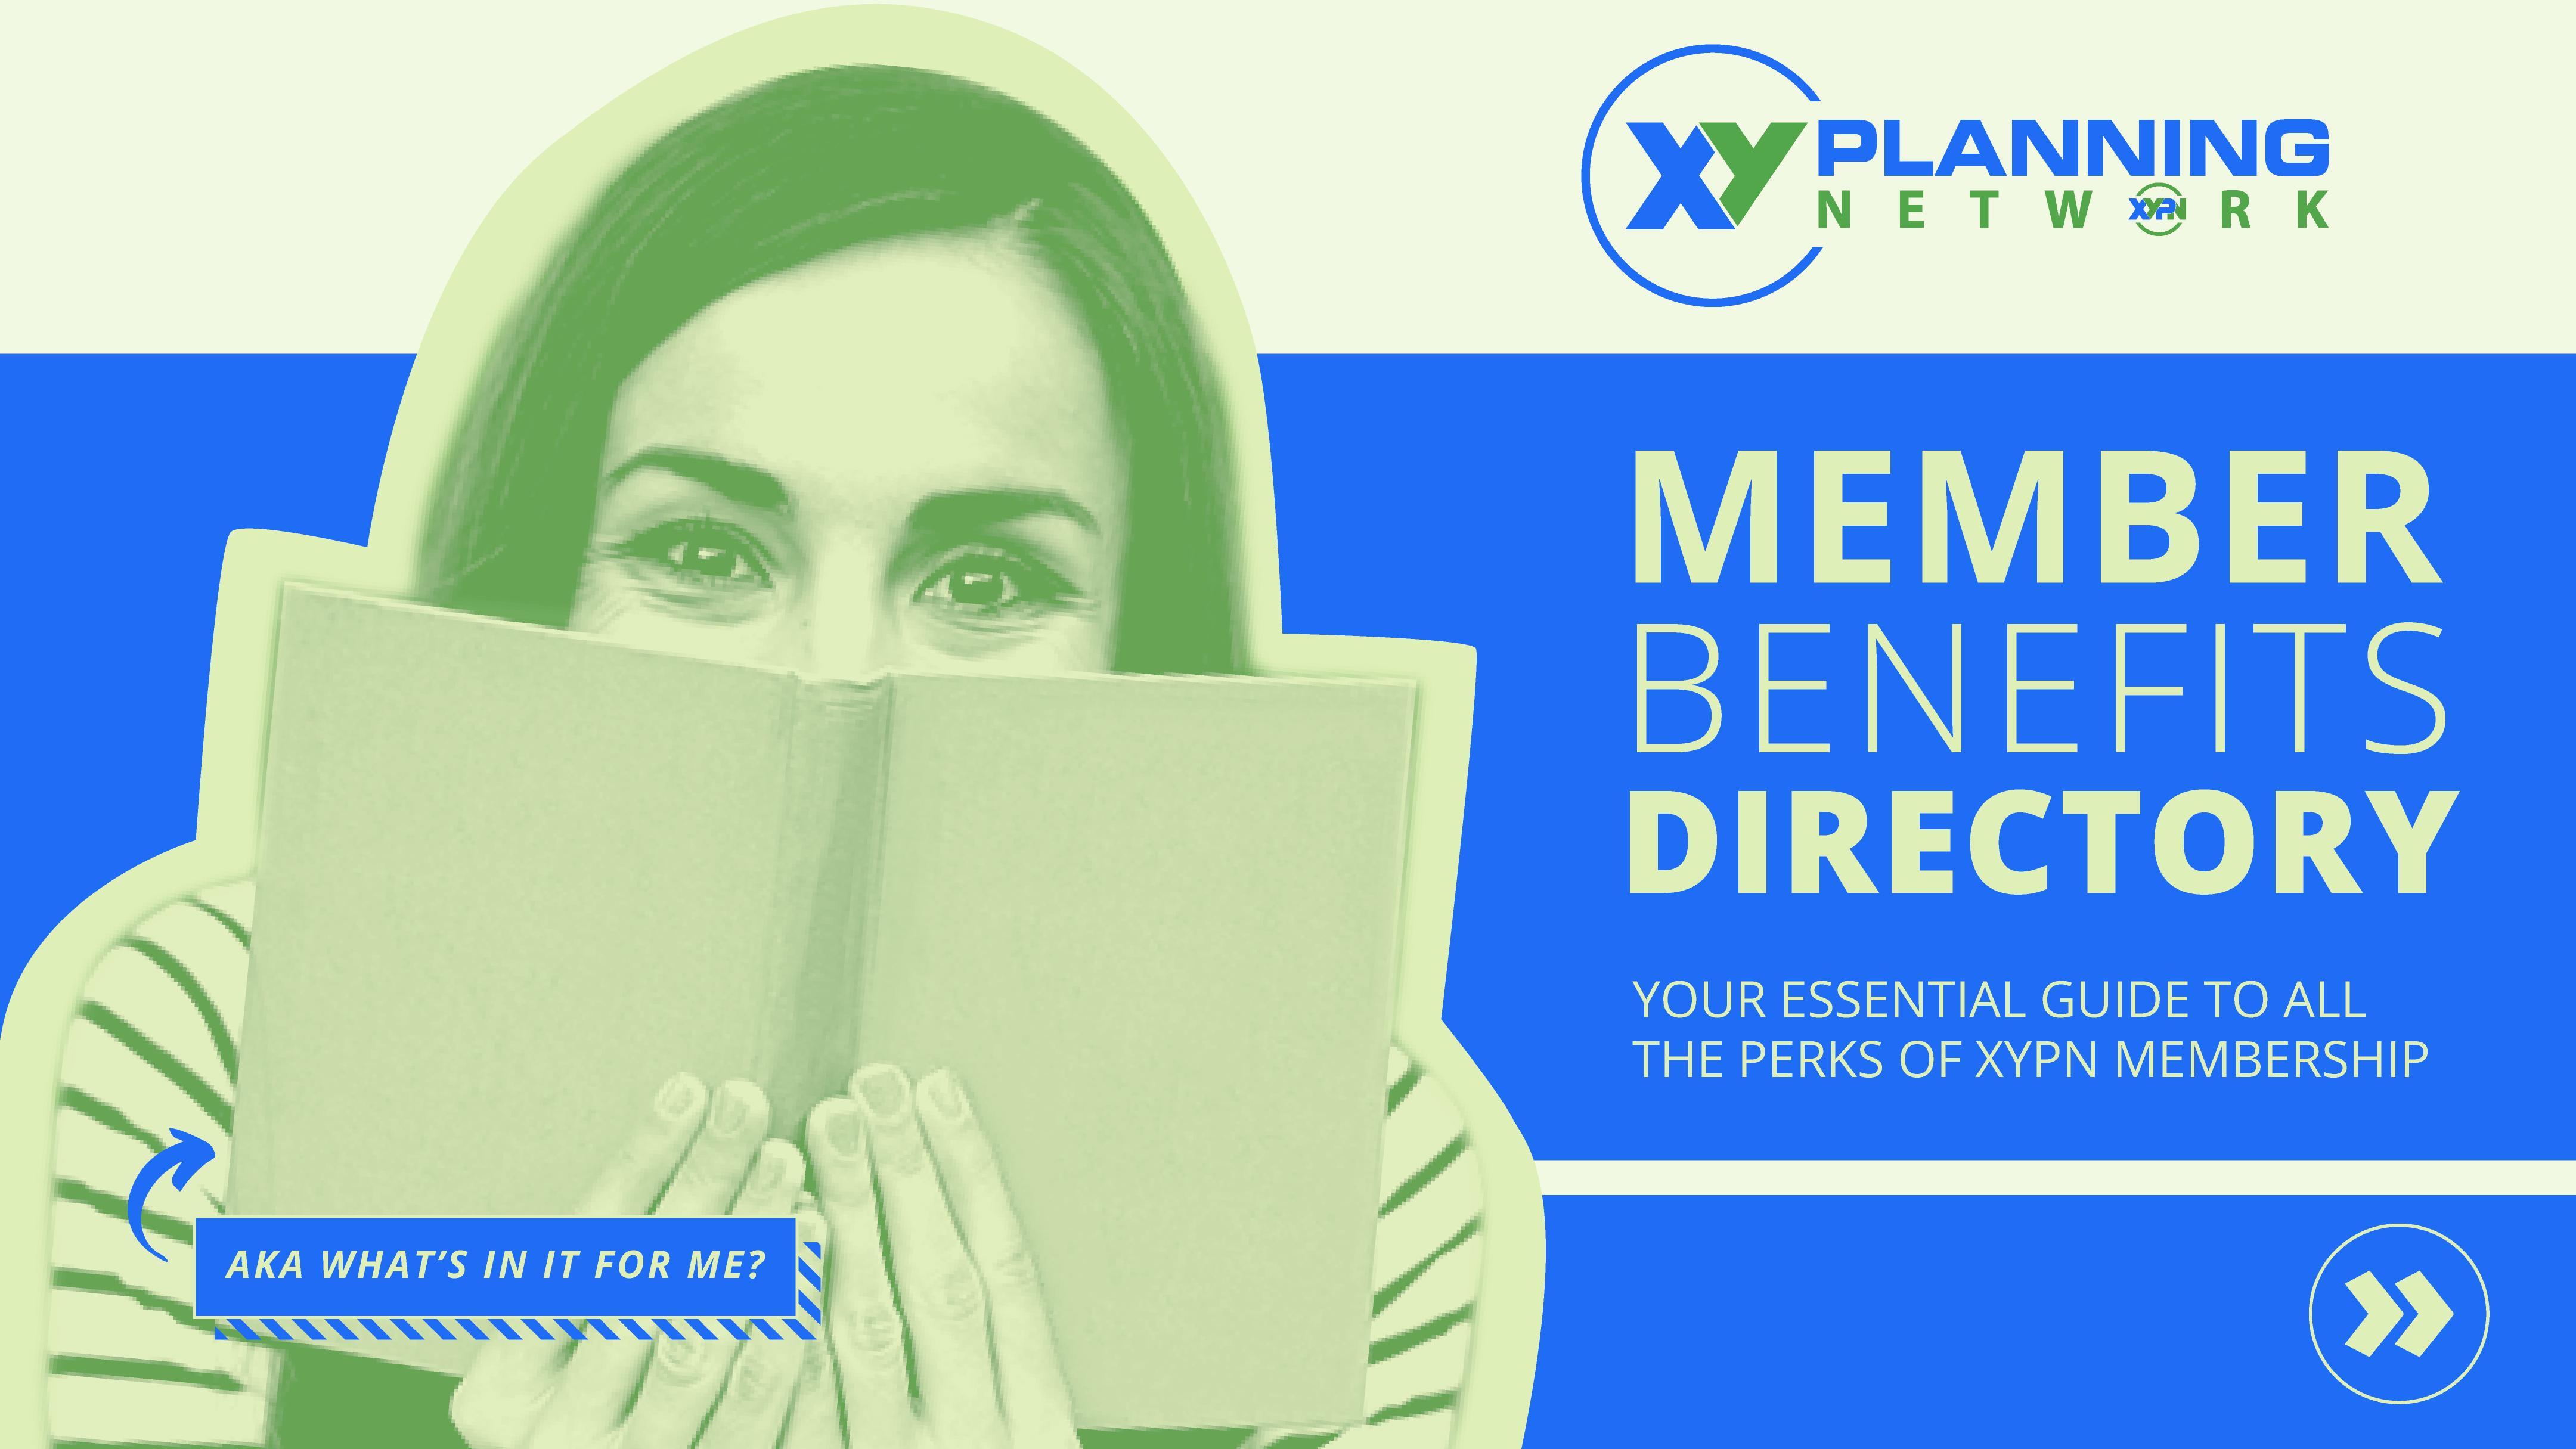 MEMBERBenefitsDirectory.png